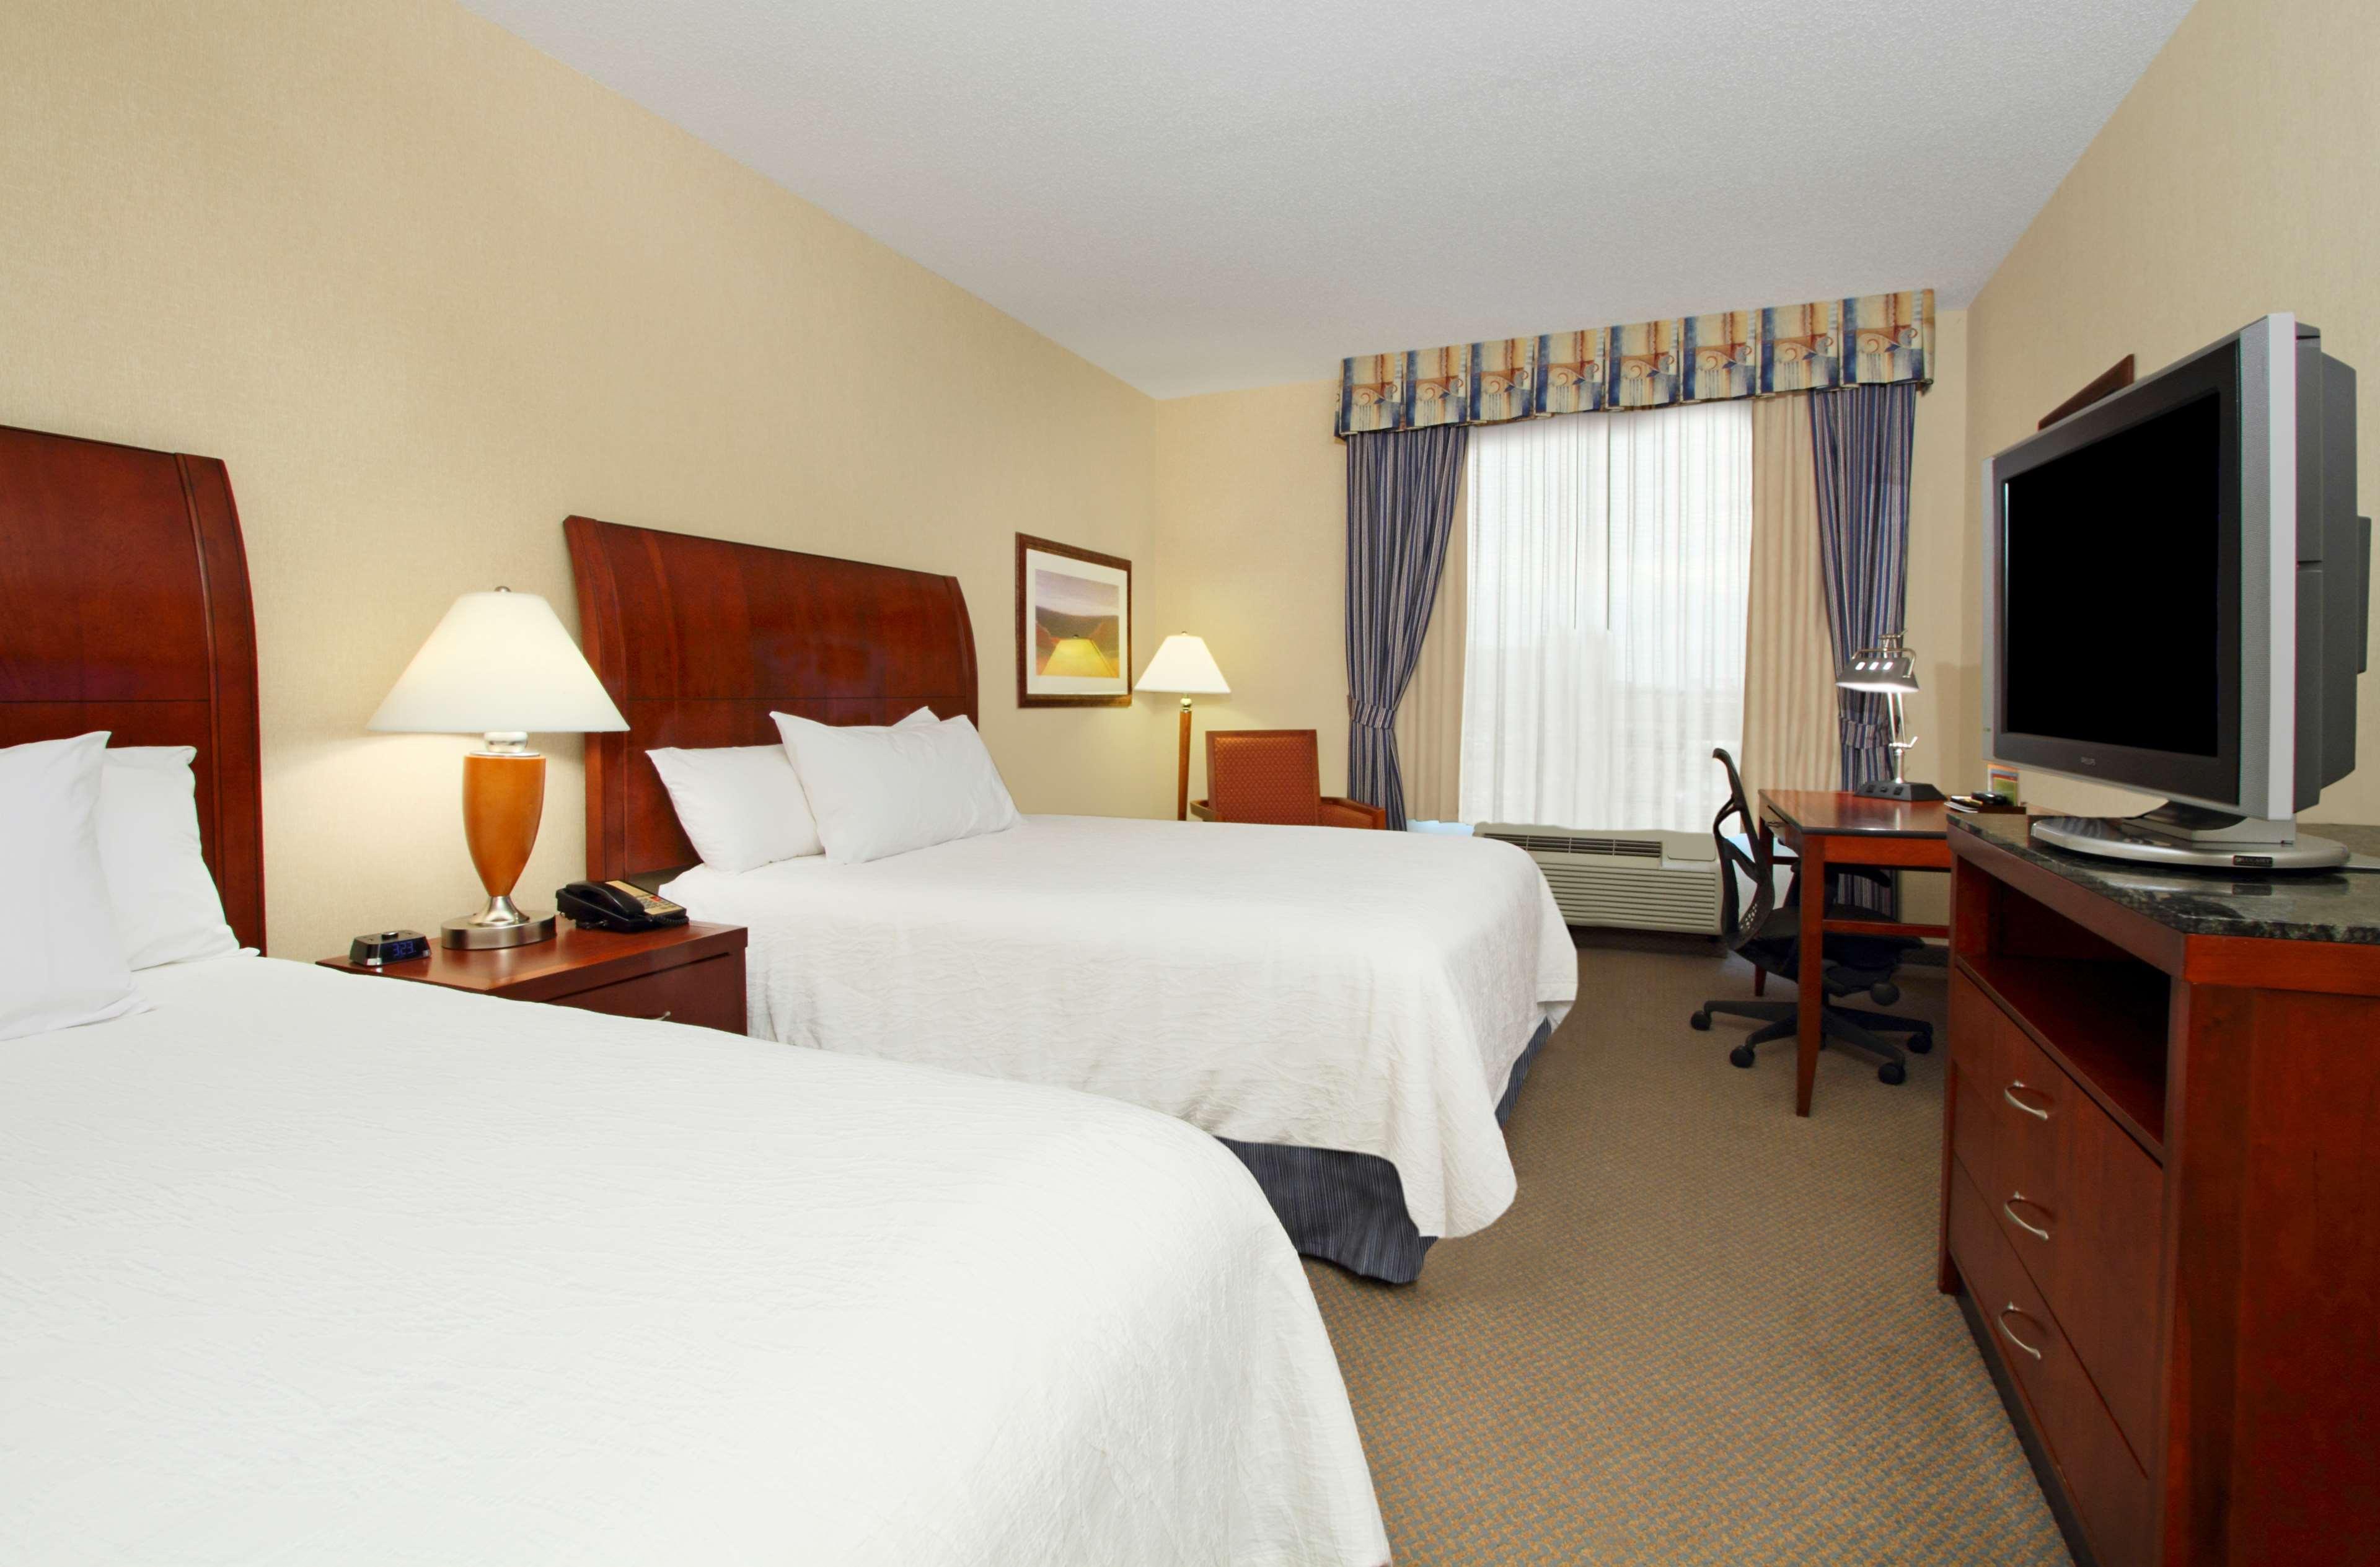 Hilton Garden Inn Columbus-University Area image 19